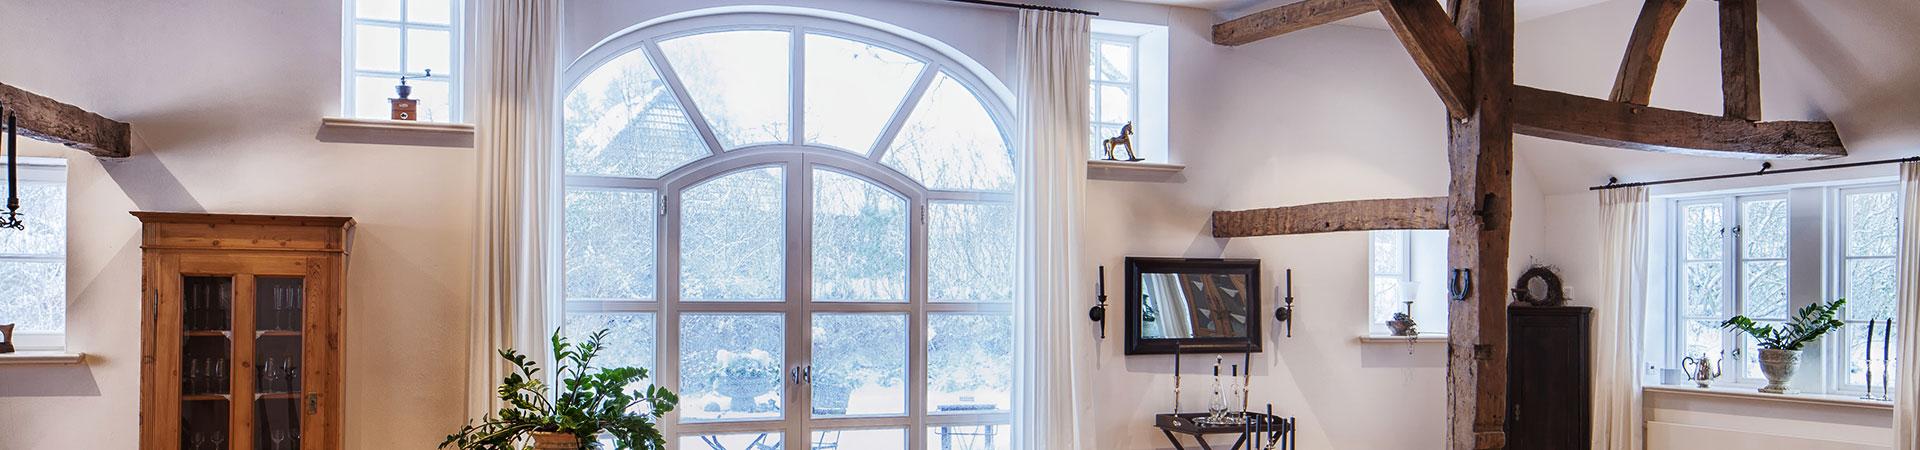 Installazione finestre in PVC su misura per Verona e provincia